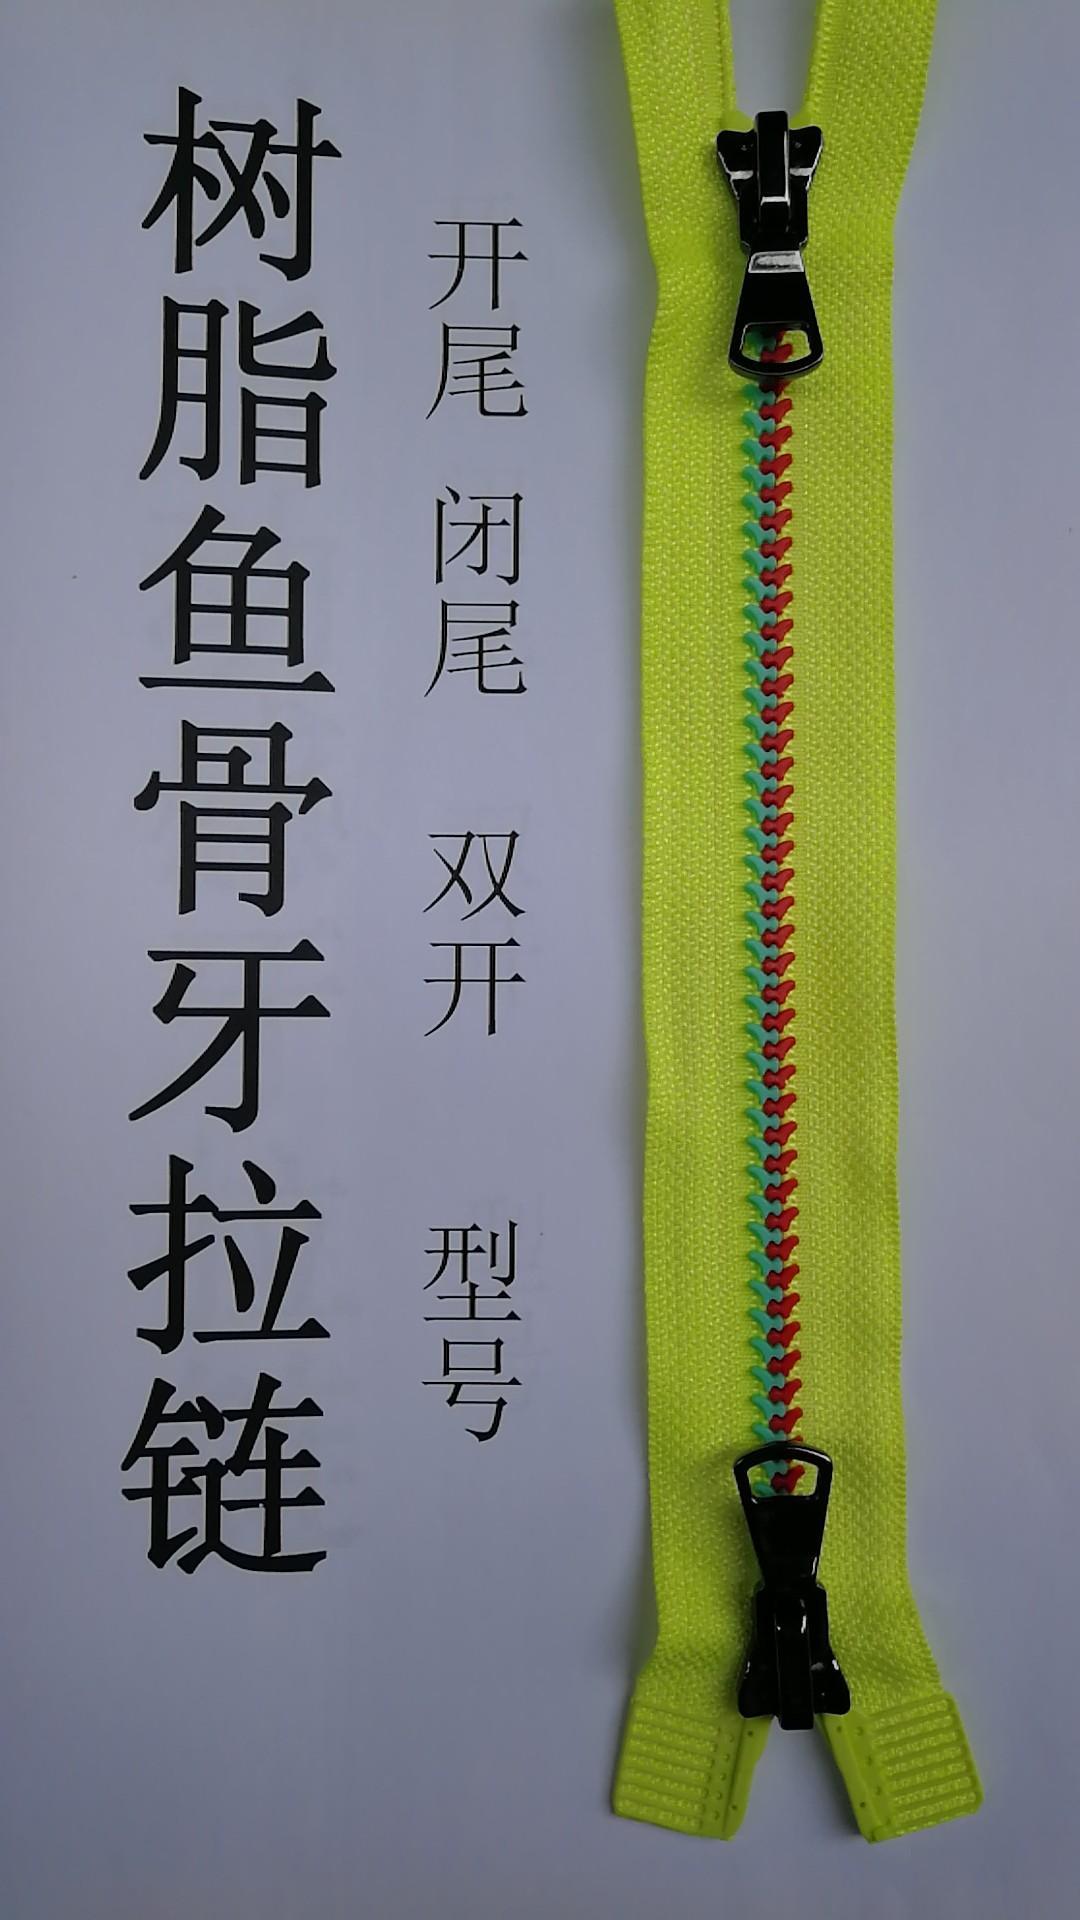 玉米牙金属链 2